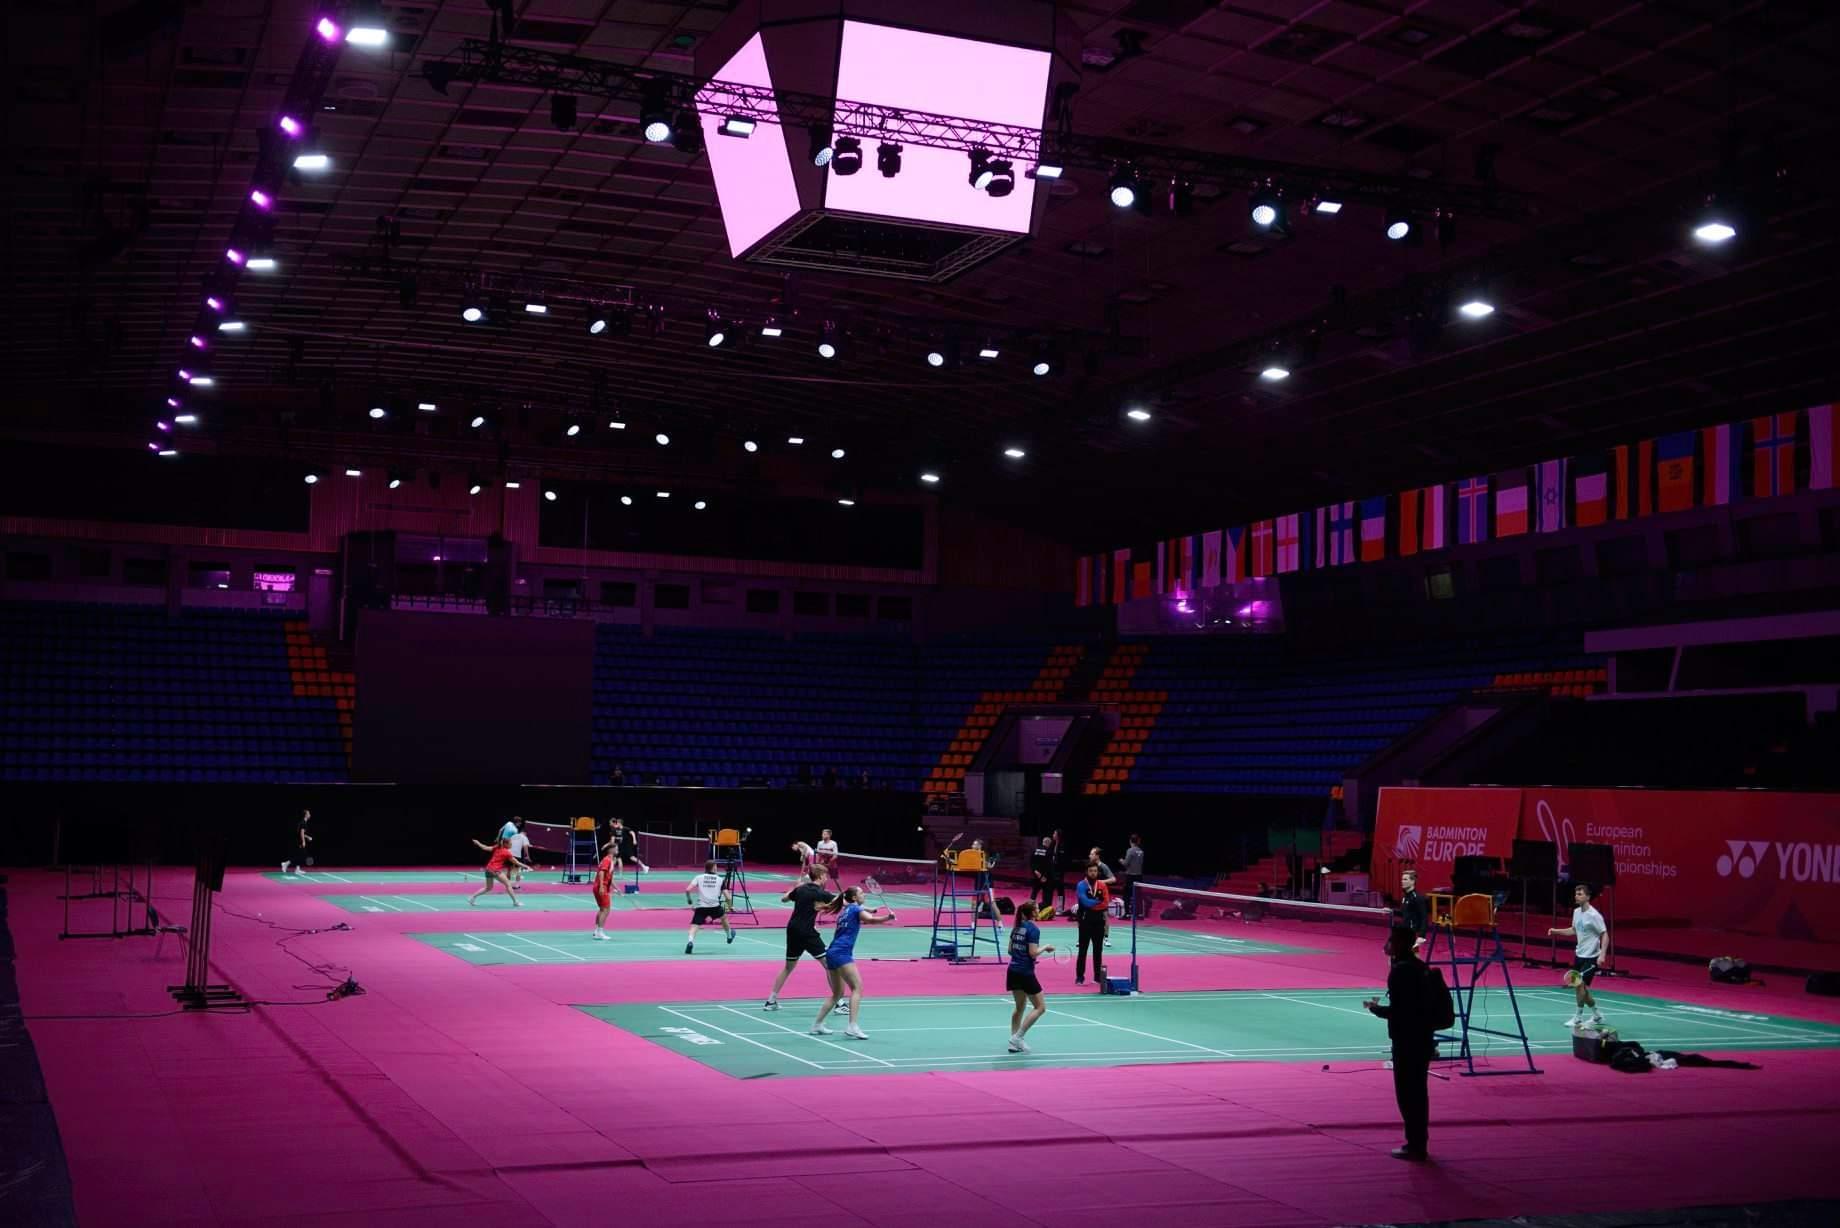 Украина впервые в истории провела чемпионат Европы по бадминтону (фото)